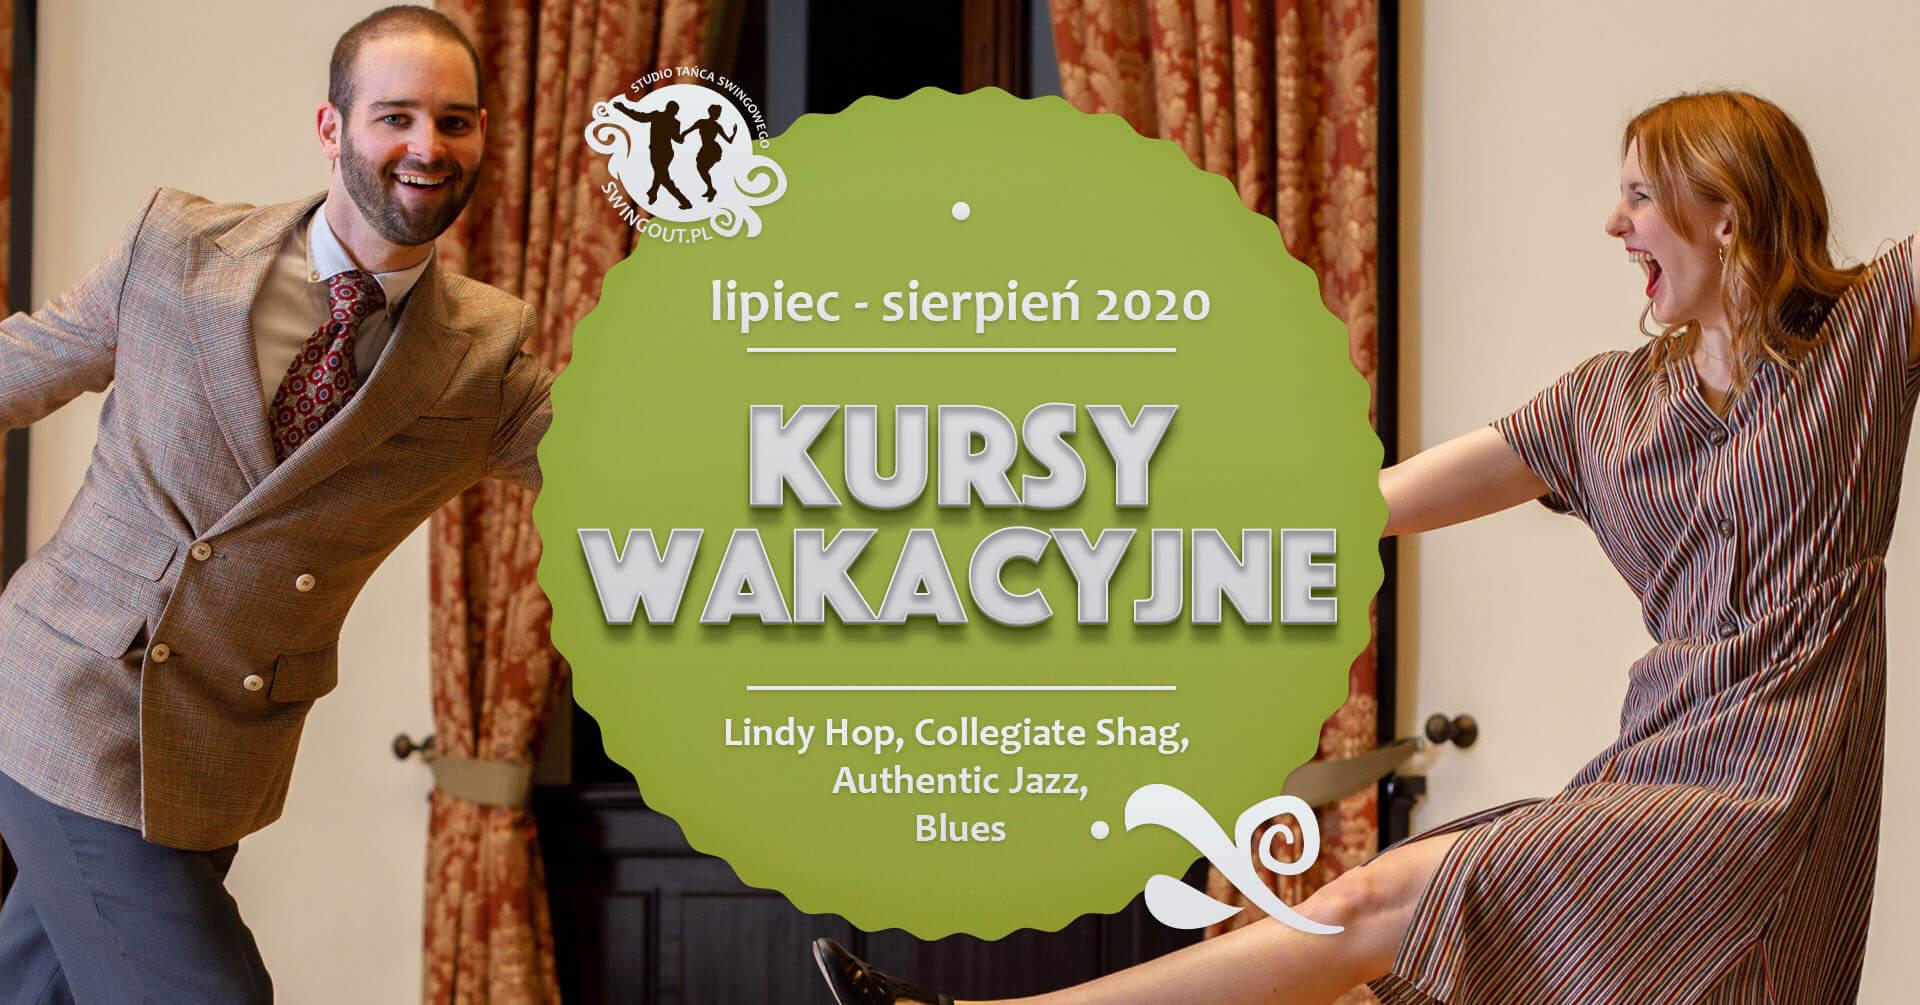 Wakacyjne kursy Lindy Hop, Collegiate Shag, Authentic Jazz i Bluesa w Warszawie